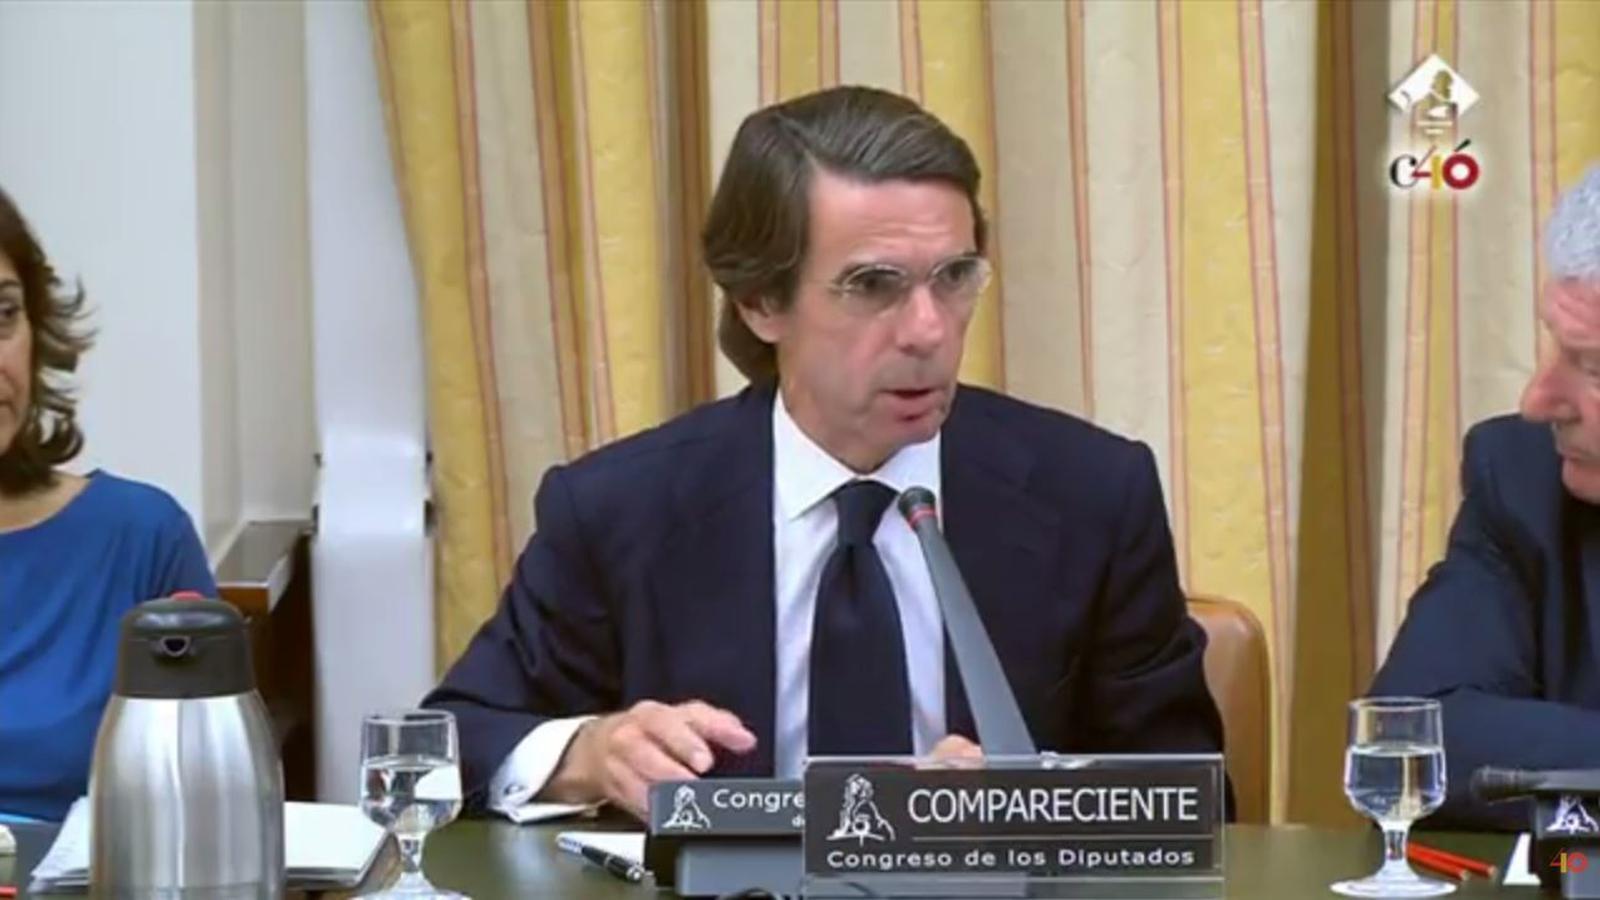 EN DIRECTE: Aznar compareix al Congrés pel finançament irregular del PP